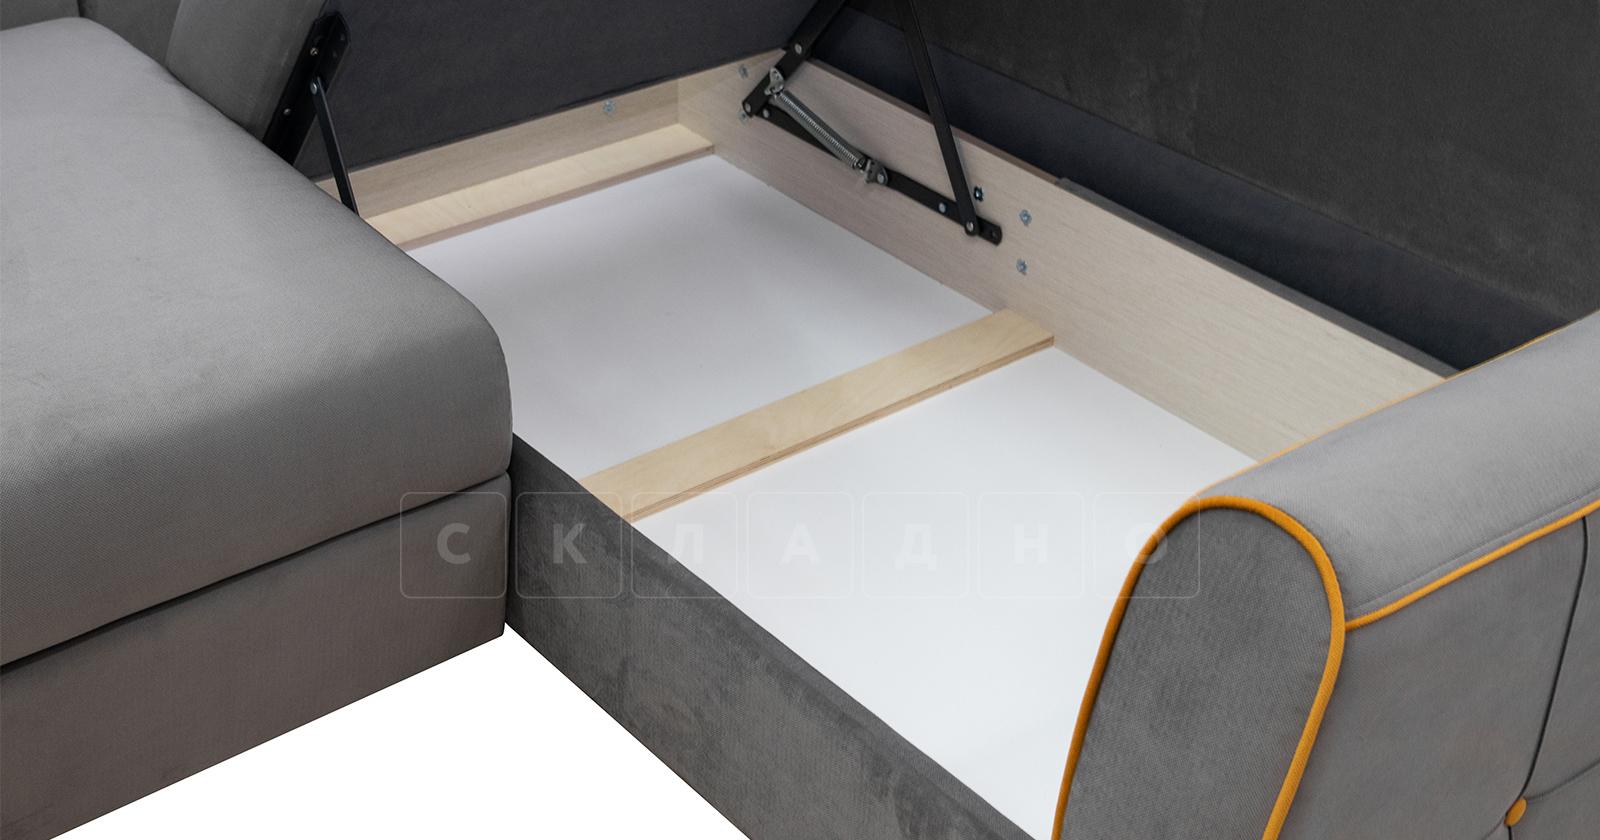 Диван-кровать угловой Флэтфорд кварцевый серый фото 7   интернет-магазин Складно